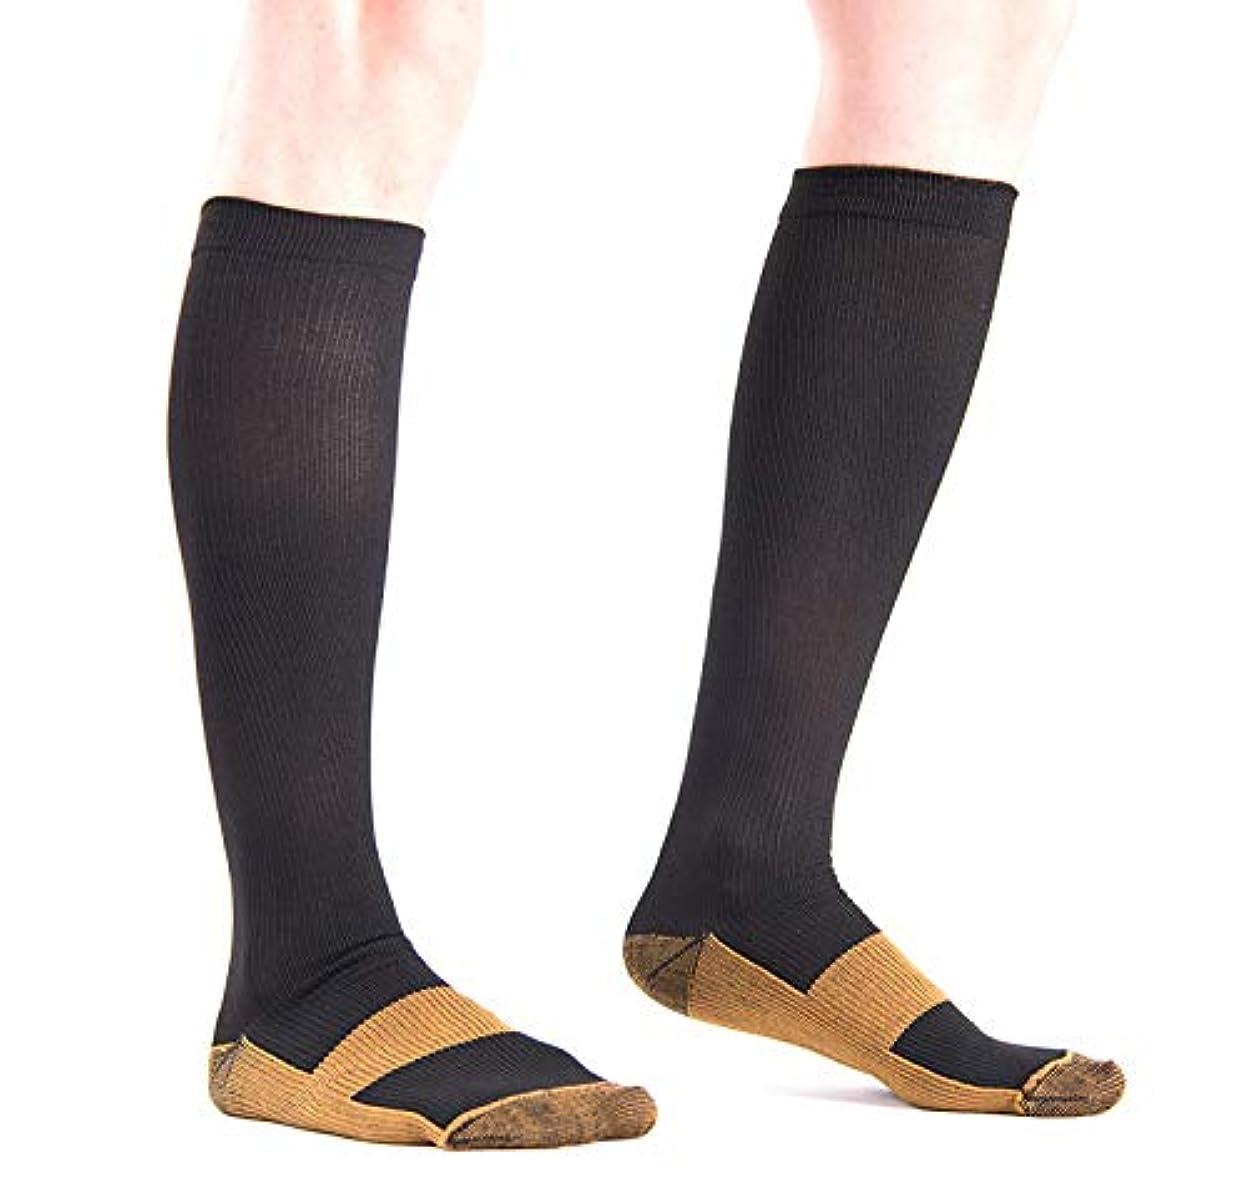 収入言語ロッジ着圧ソックス 銅圧縮 コンプレッションソックス 膝下 抗疲労 男女兼用ユニセックス (L/XL, ブラック)